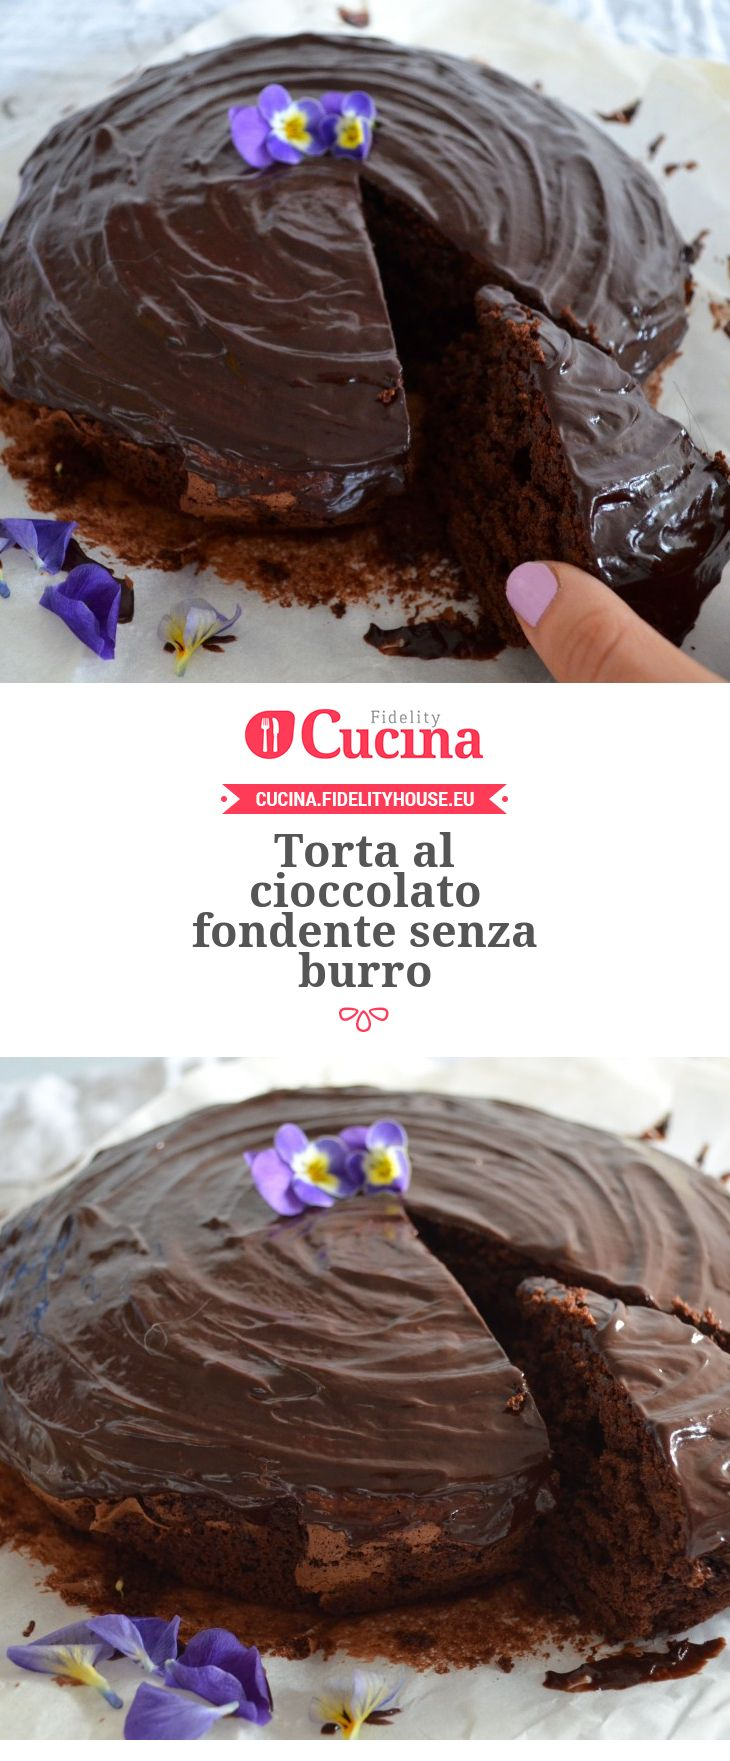 Torta al cioccolato fondente senza burro